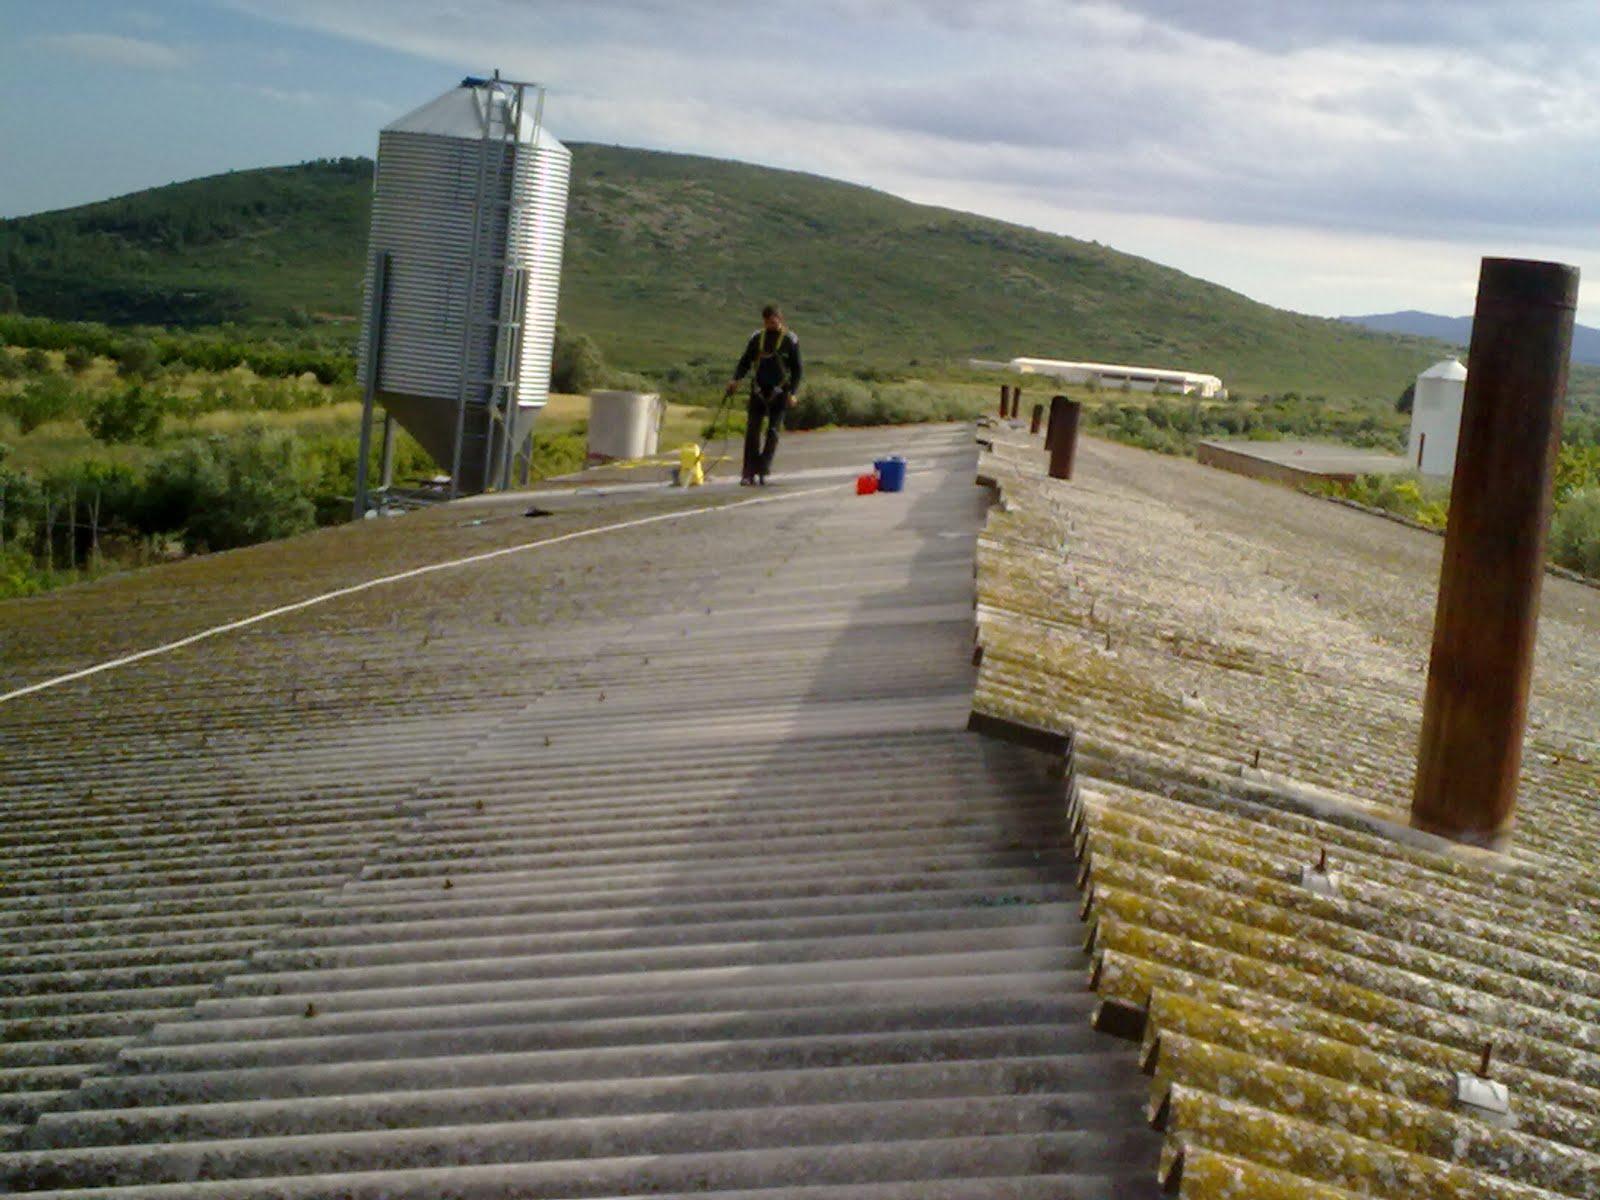 Preparar tejado de uralita para colocar placas solares - Tejados de uralita ...